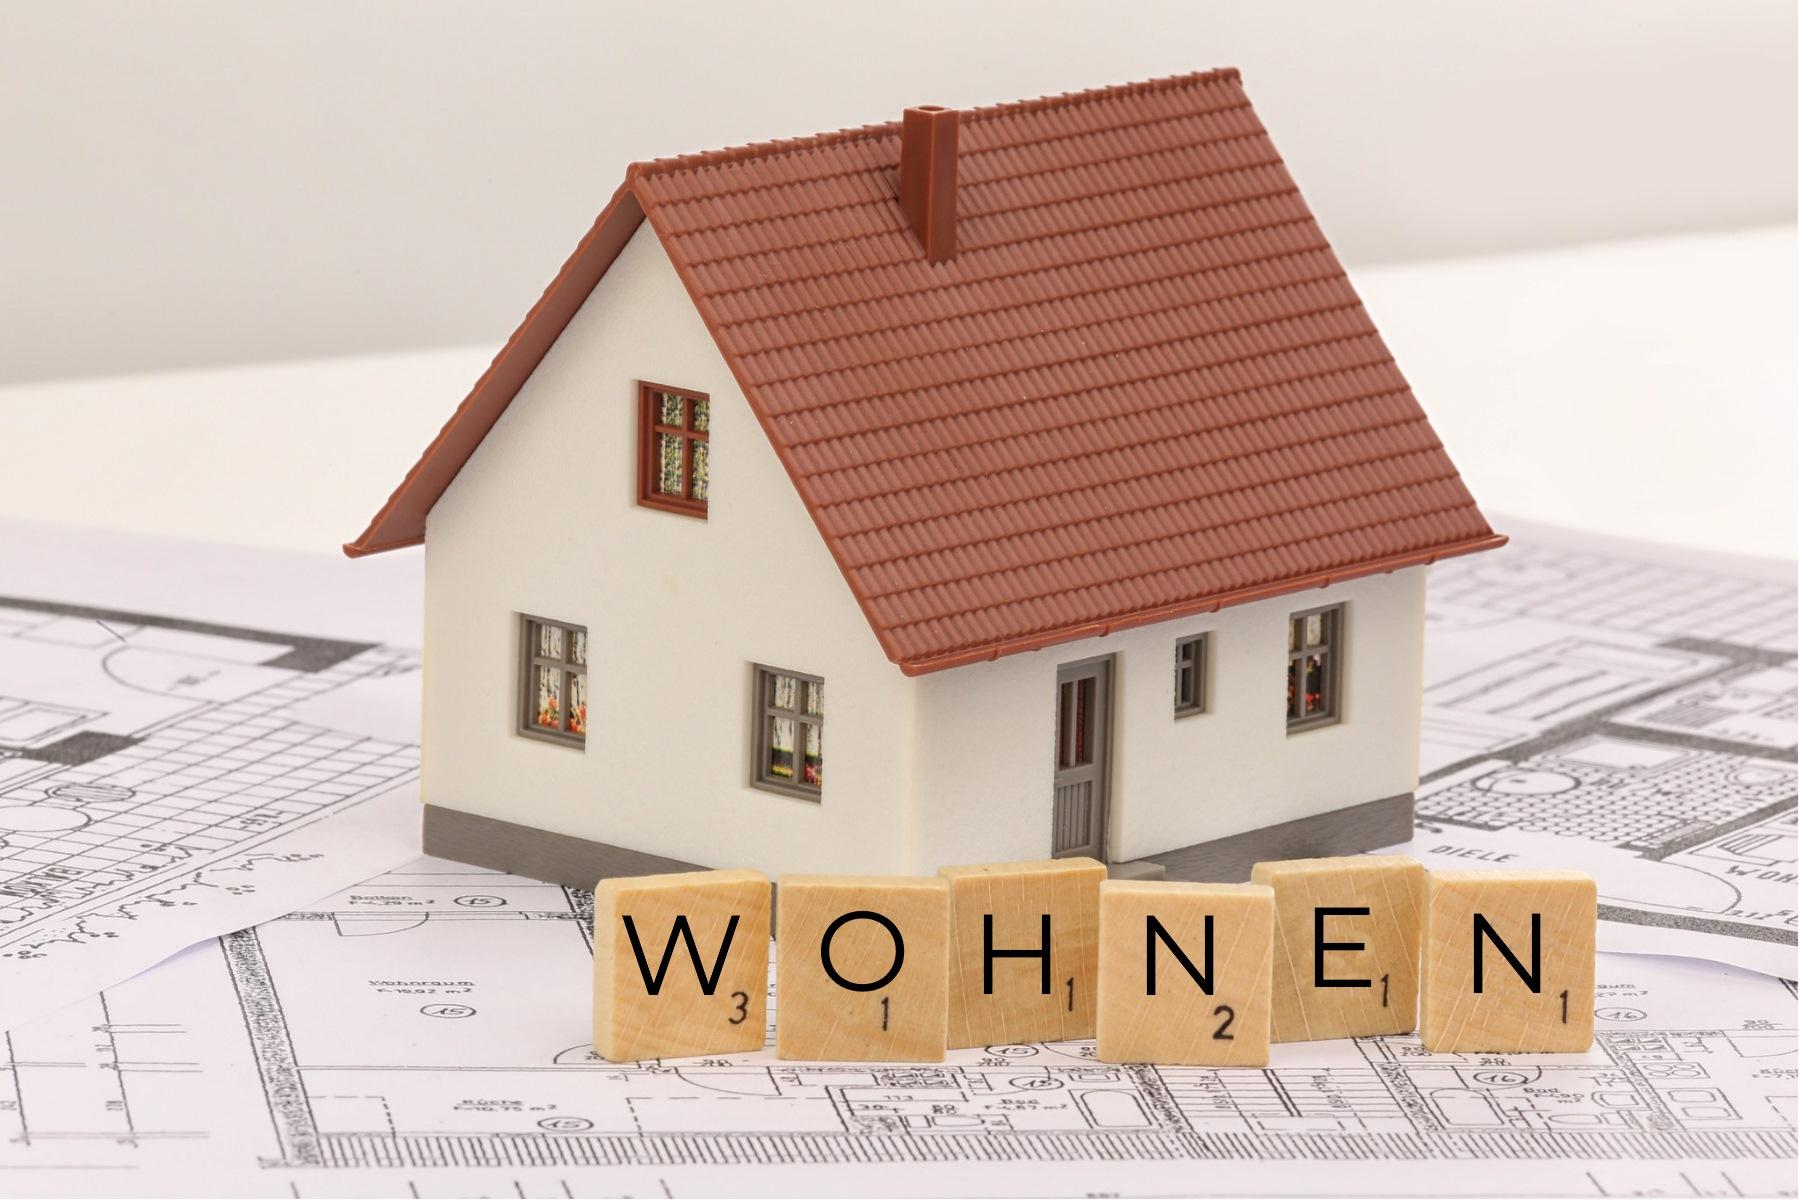 Wohnbauförderung: Junge und Alleinstehende dürfen nicht länger benachteiligt werden!